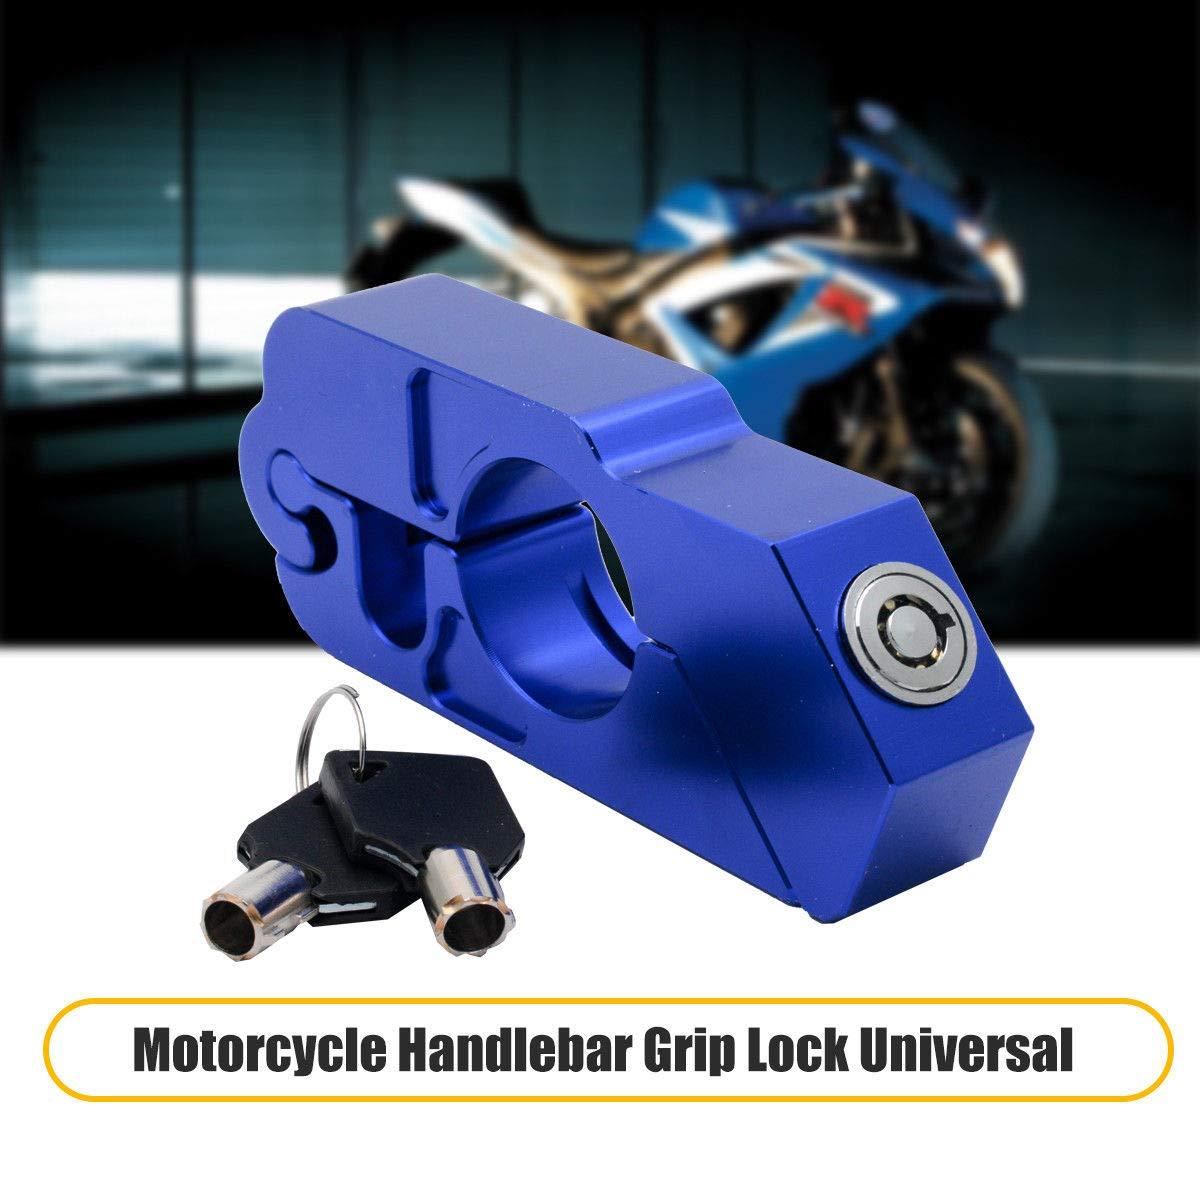 Maso moto manubrio serratura in lega di alluminio antifurto blocco del livello del freno per moto moto scooter ciclomotore atv blu